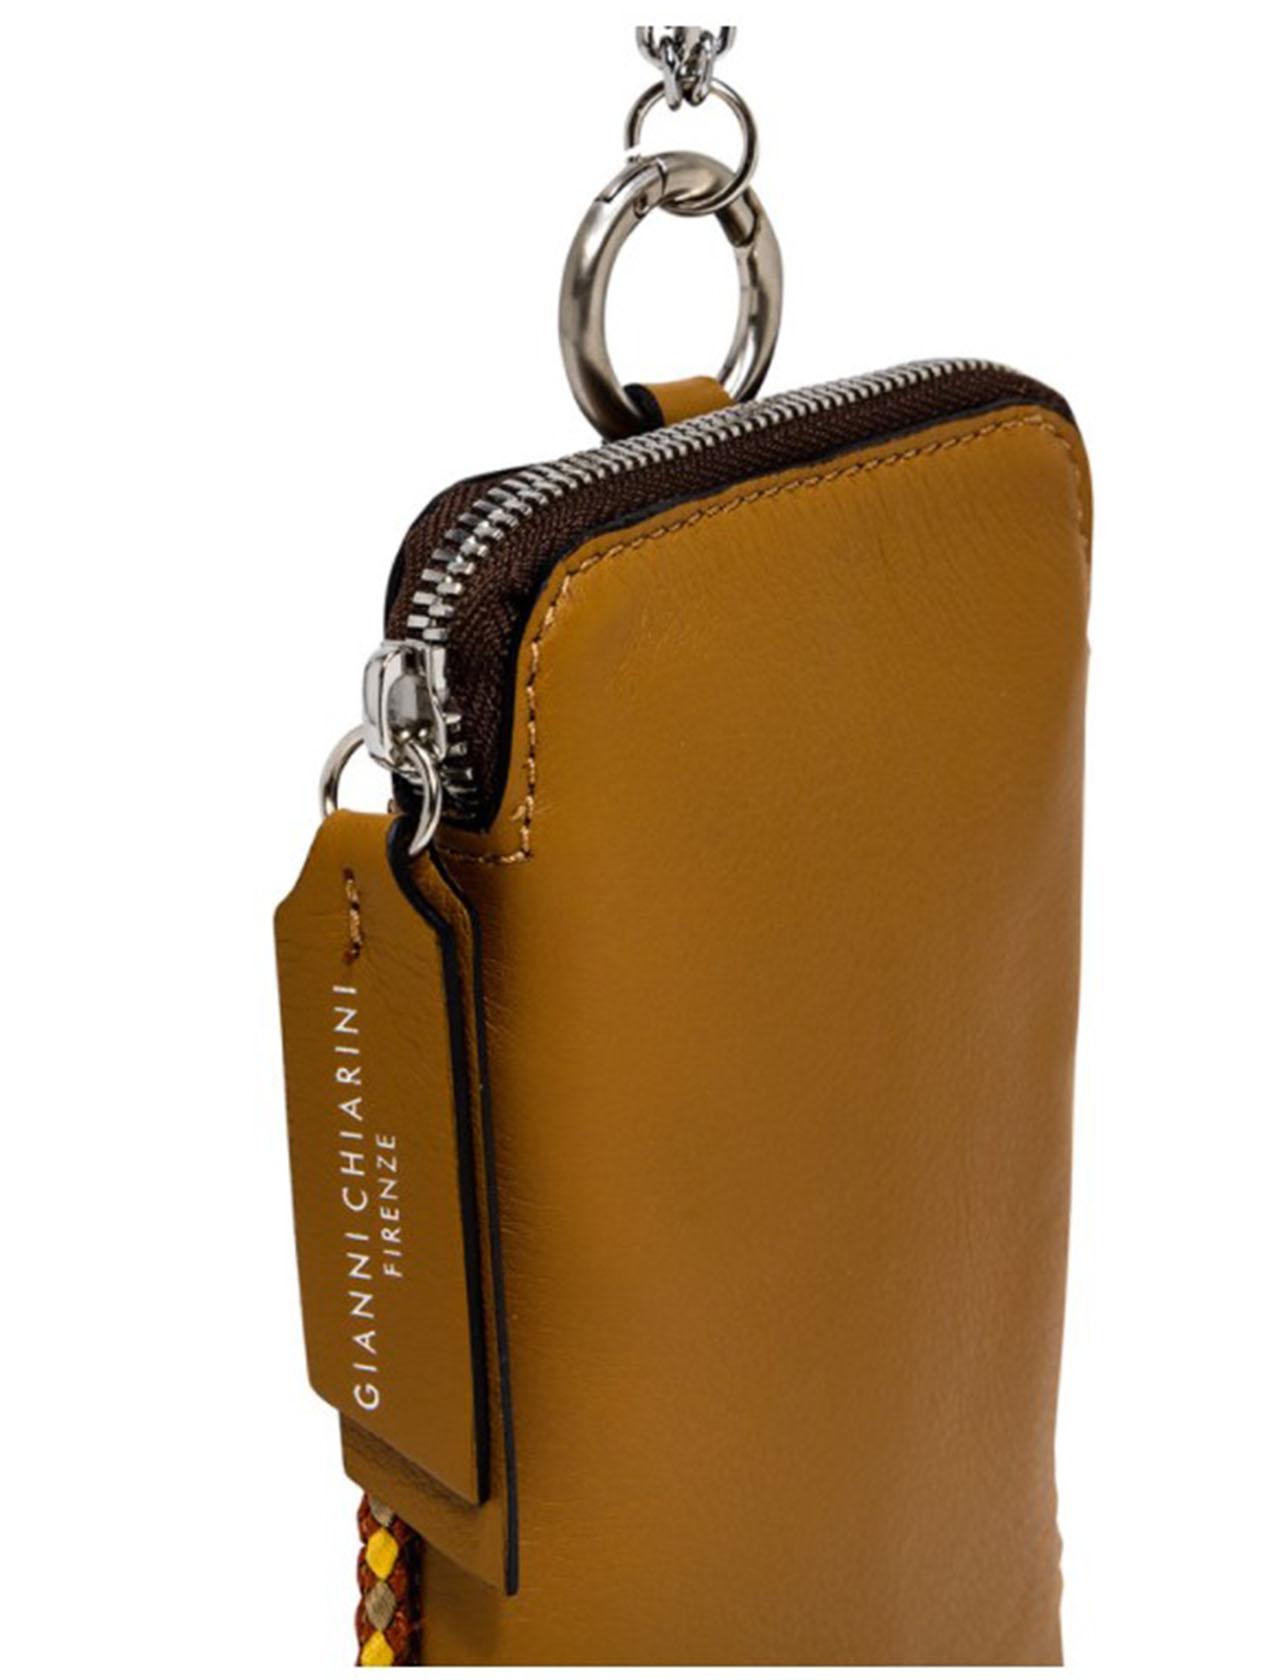 tracolla donna bustina flash piccola pelle senape con tracolla in catena argento Gianni Chiarini | Borse e zaini | BS8100SENAPE